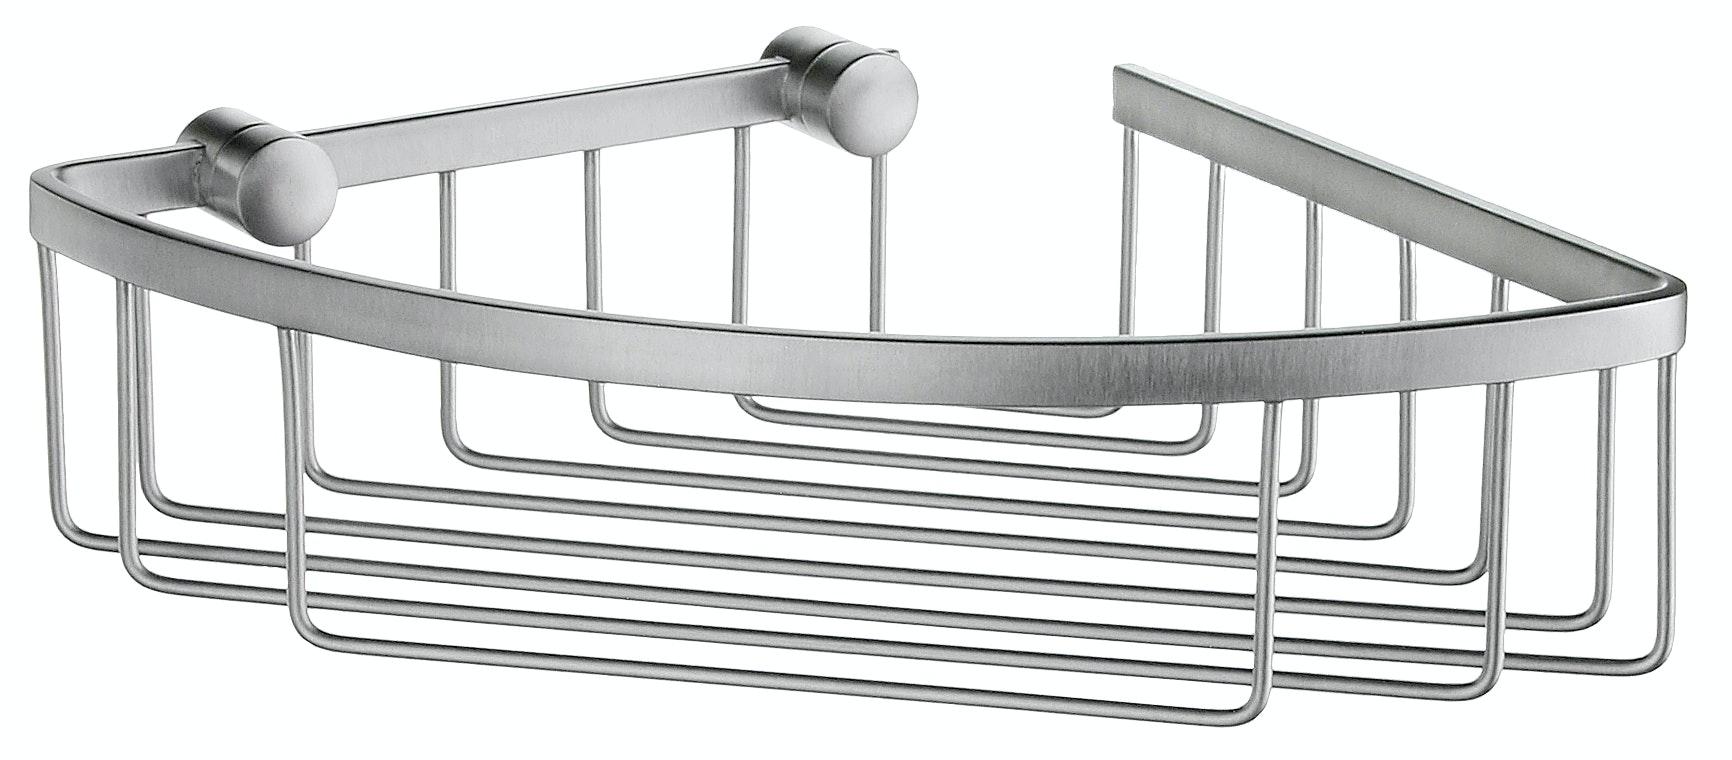 Hörnhylla dusch Smedbo Sideline DS2021 1 plan 160X160mm H60 mattborstad krom mattborstad krom